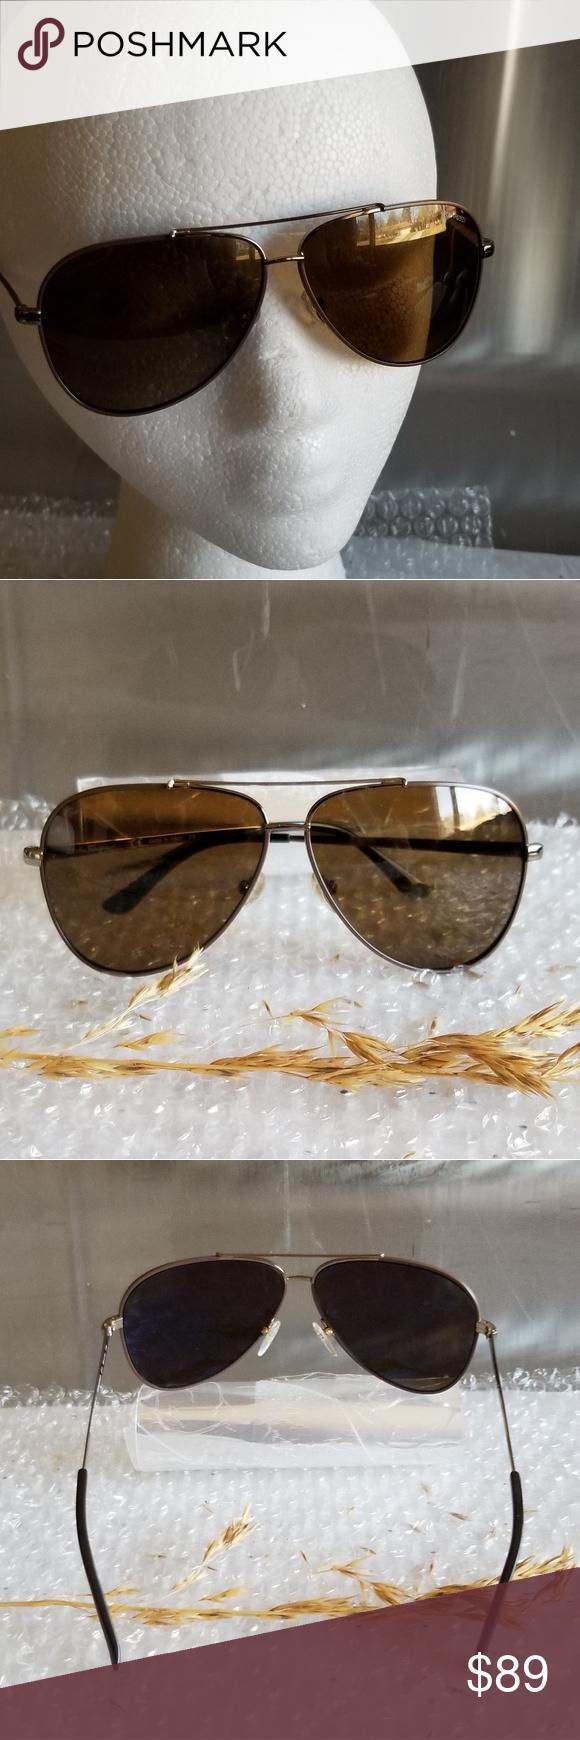 ce96f29ed3fa Salvatore Ferragamo Sunglasses Salvatore Ferragamo Sunglasses Model: SF131S  SF/131/S 211 Polarized Size: 60□10 135 Style: Pilot Lens: Brown Made in  Italy ...